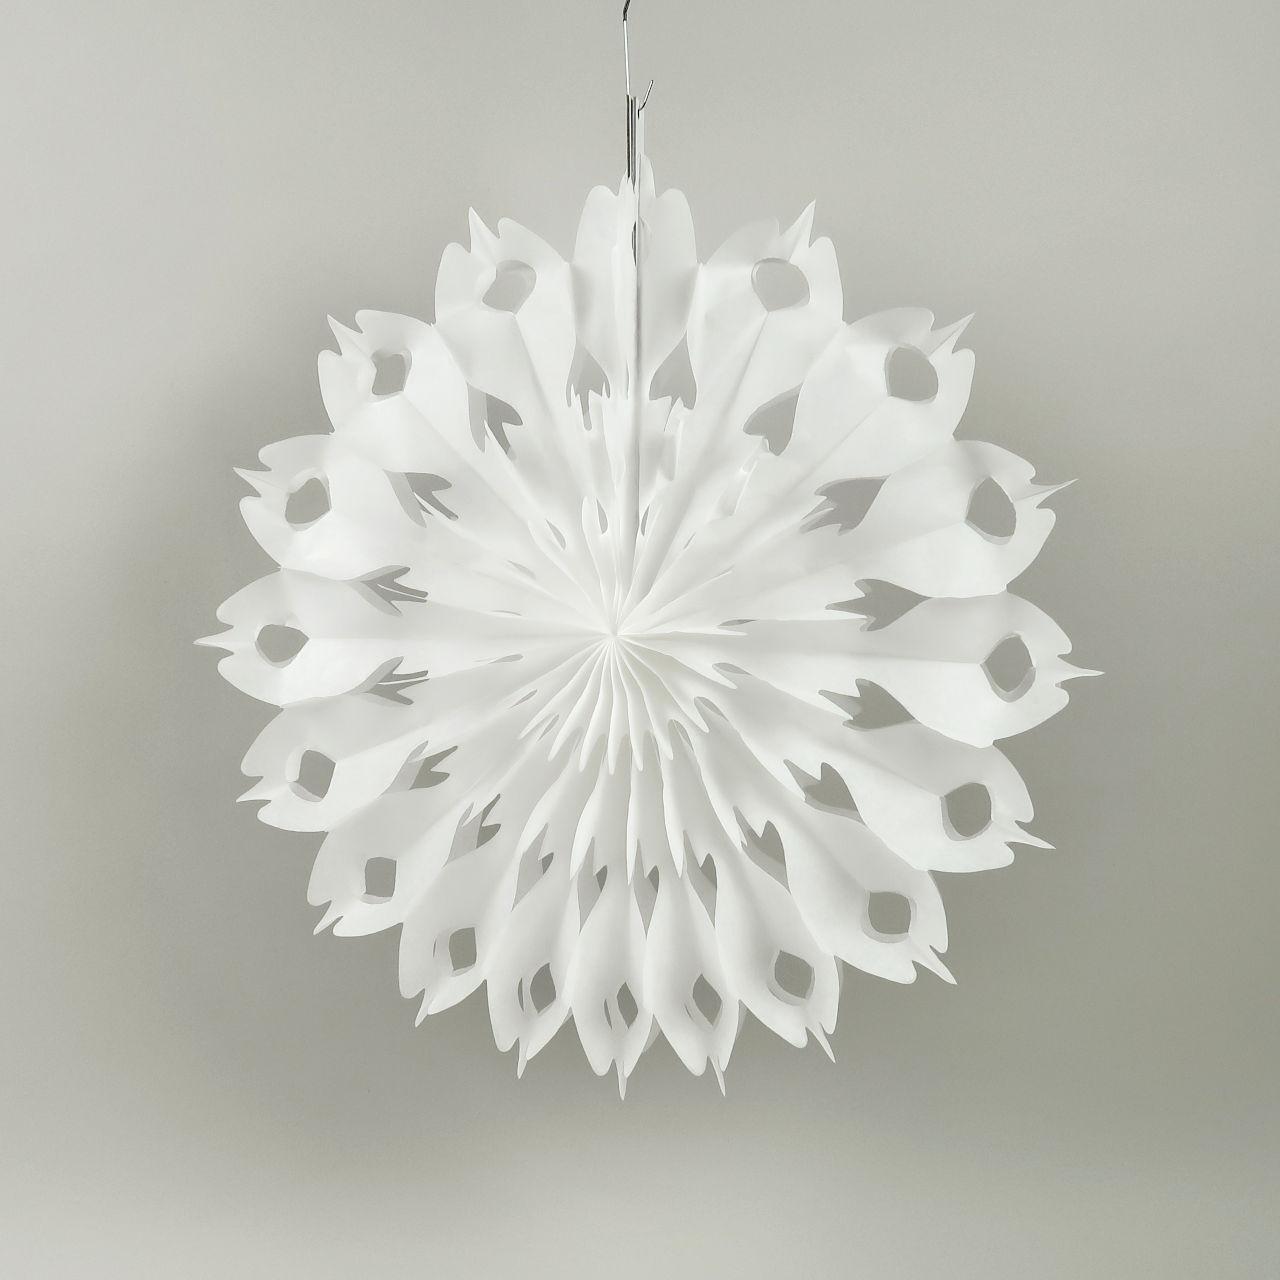 Heart Snowflake Paper Decoration - 40cm